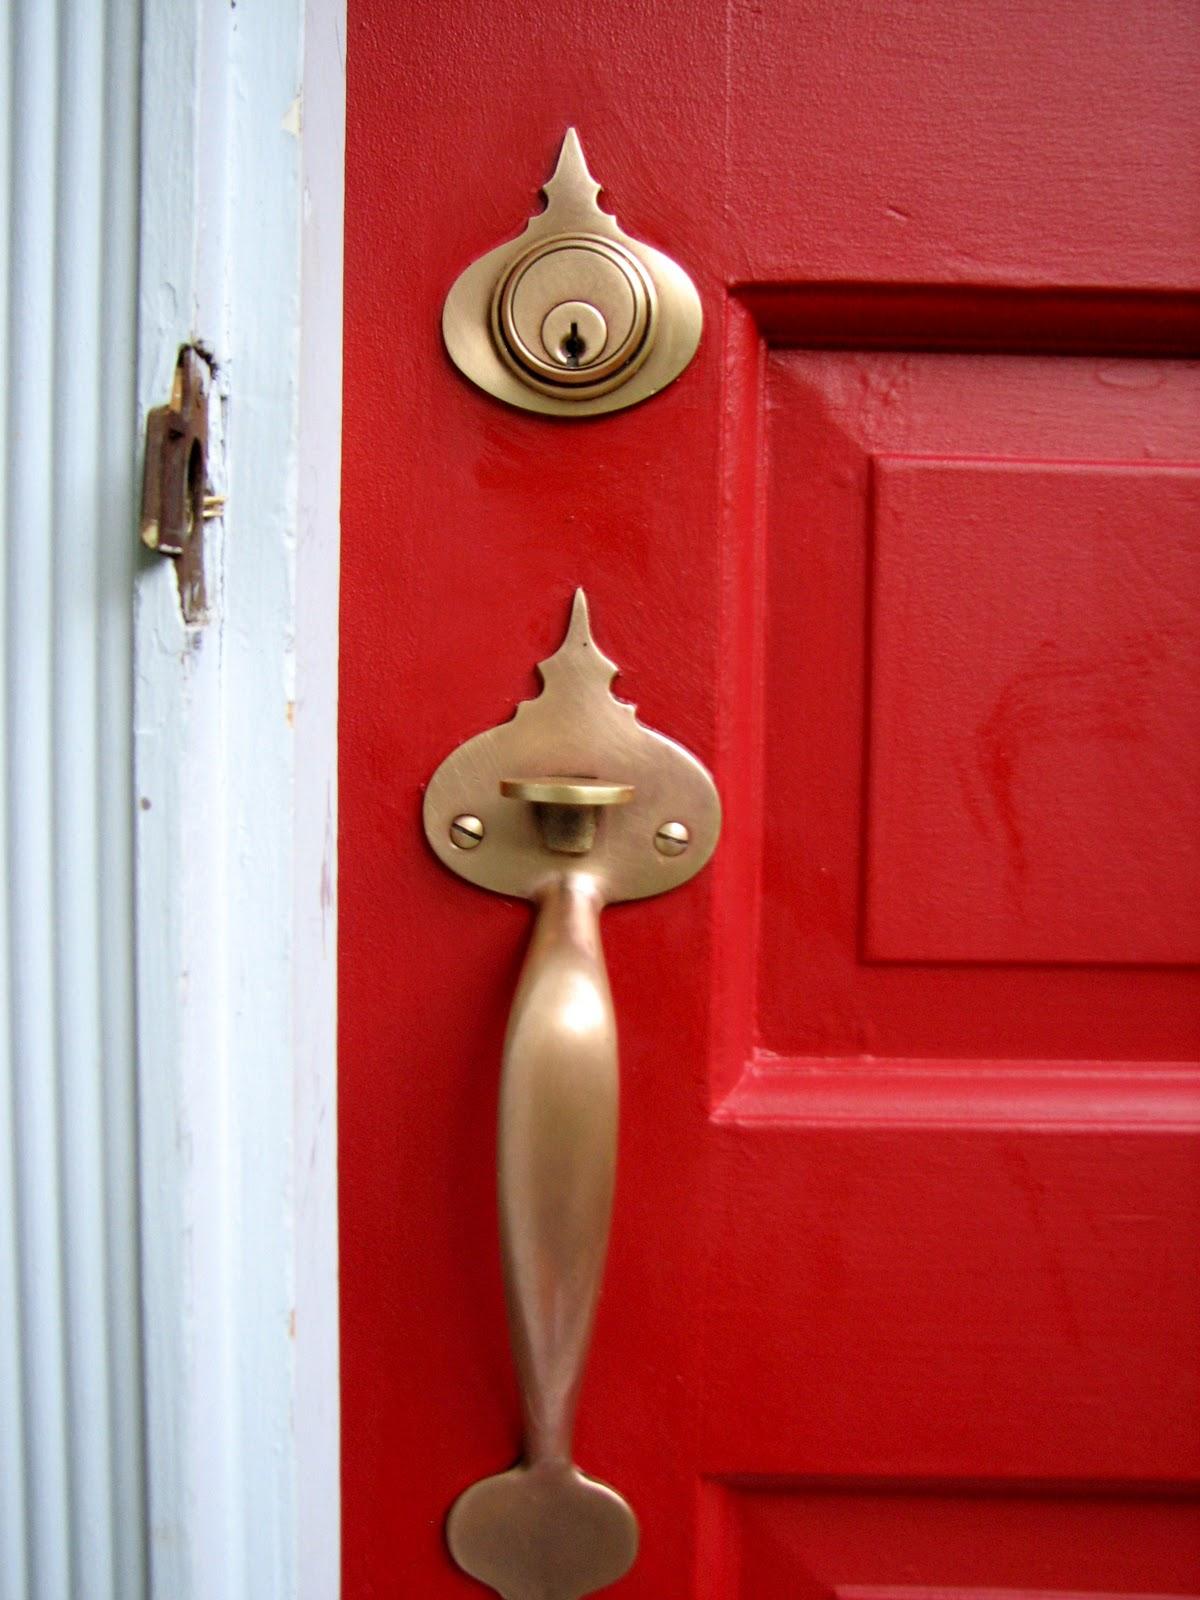 Front door handle